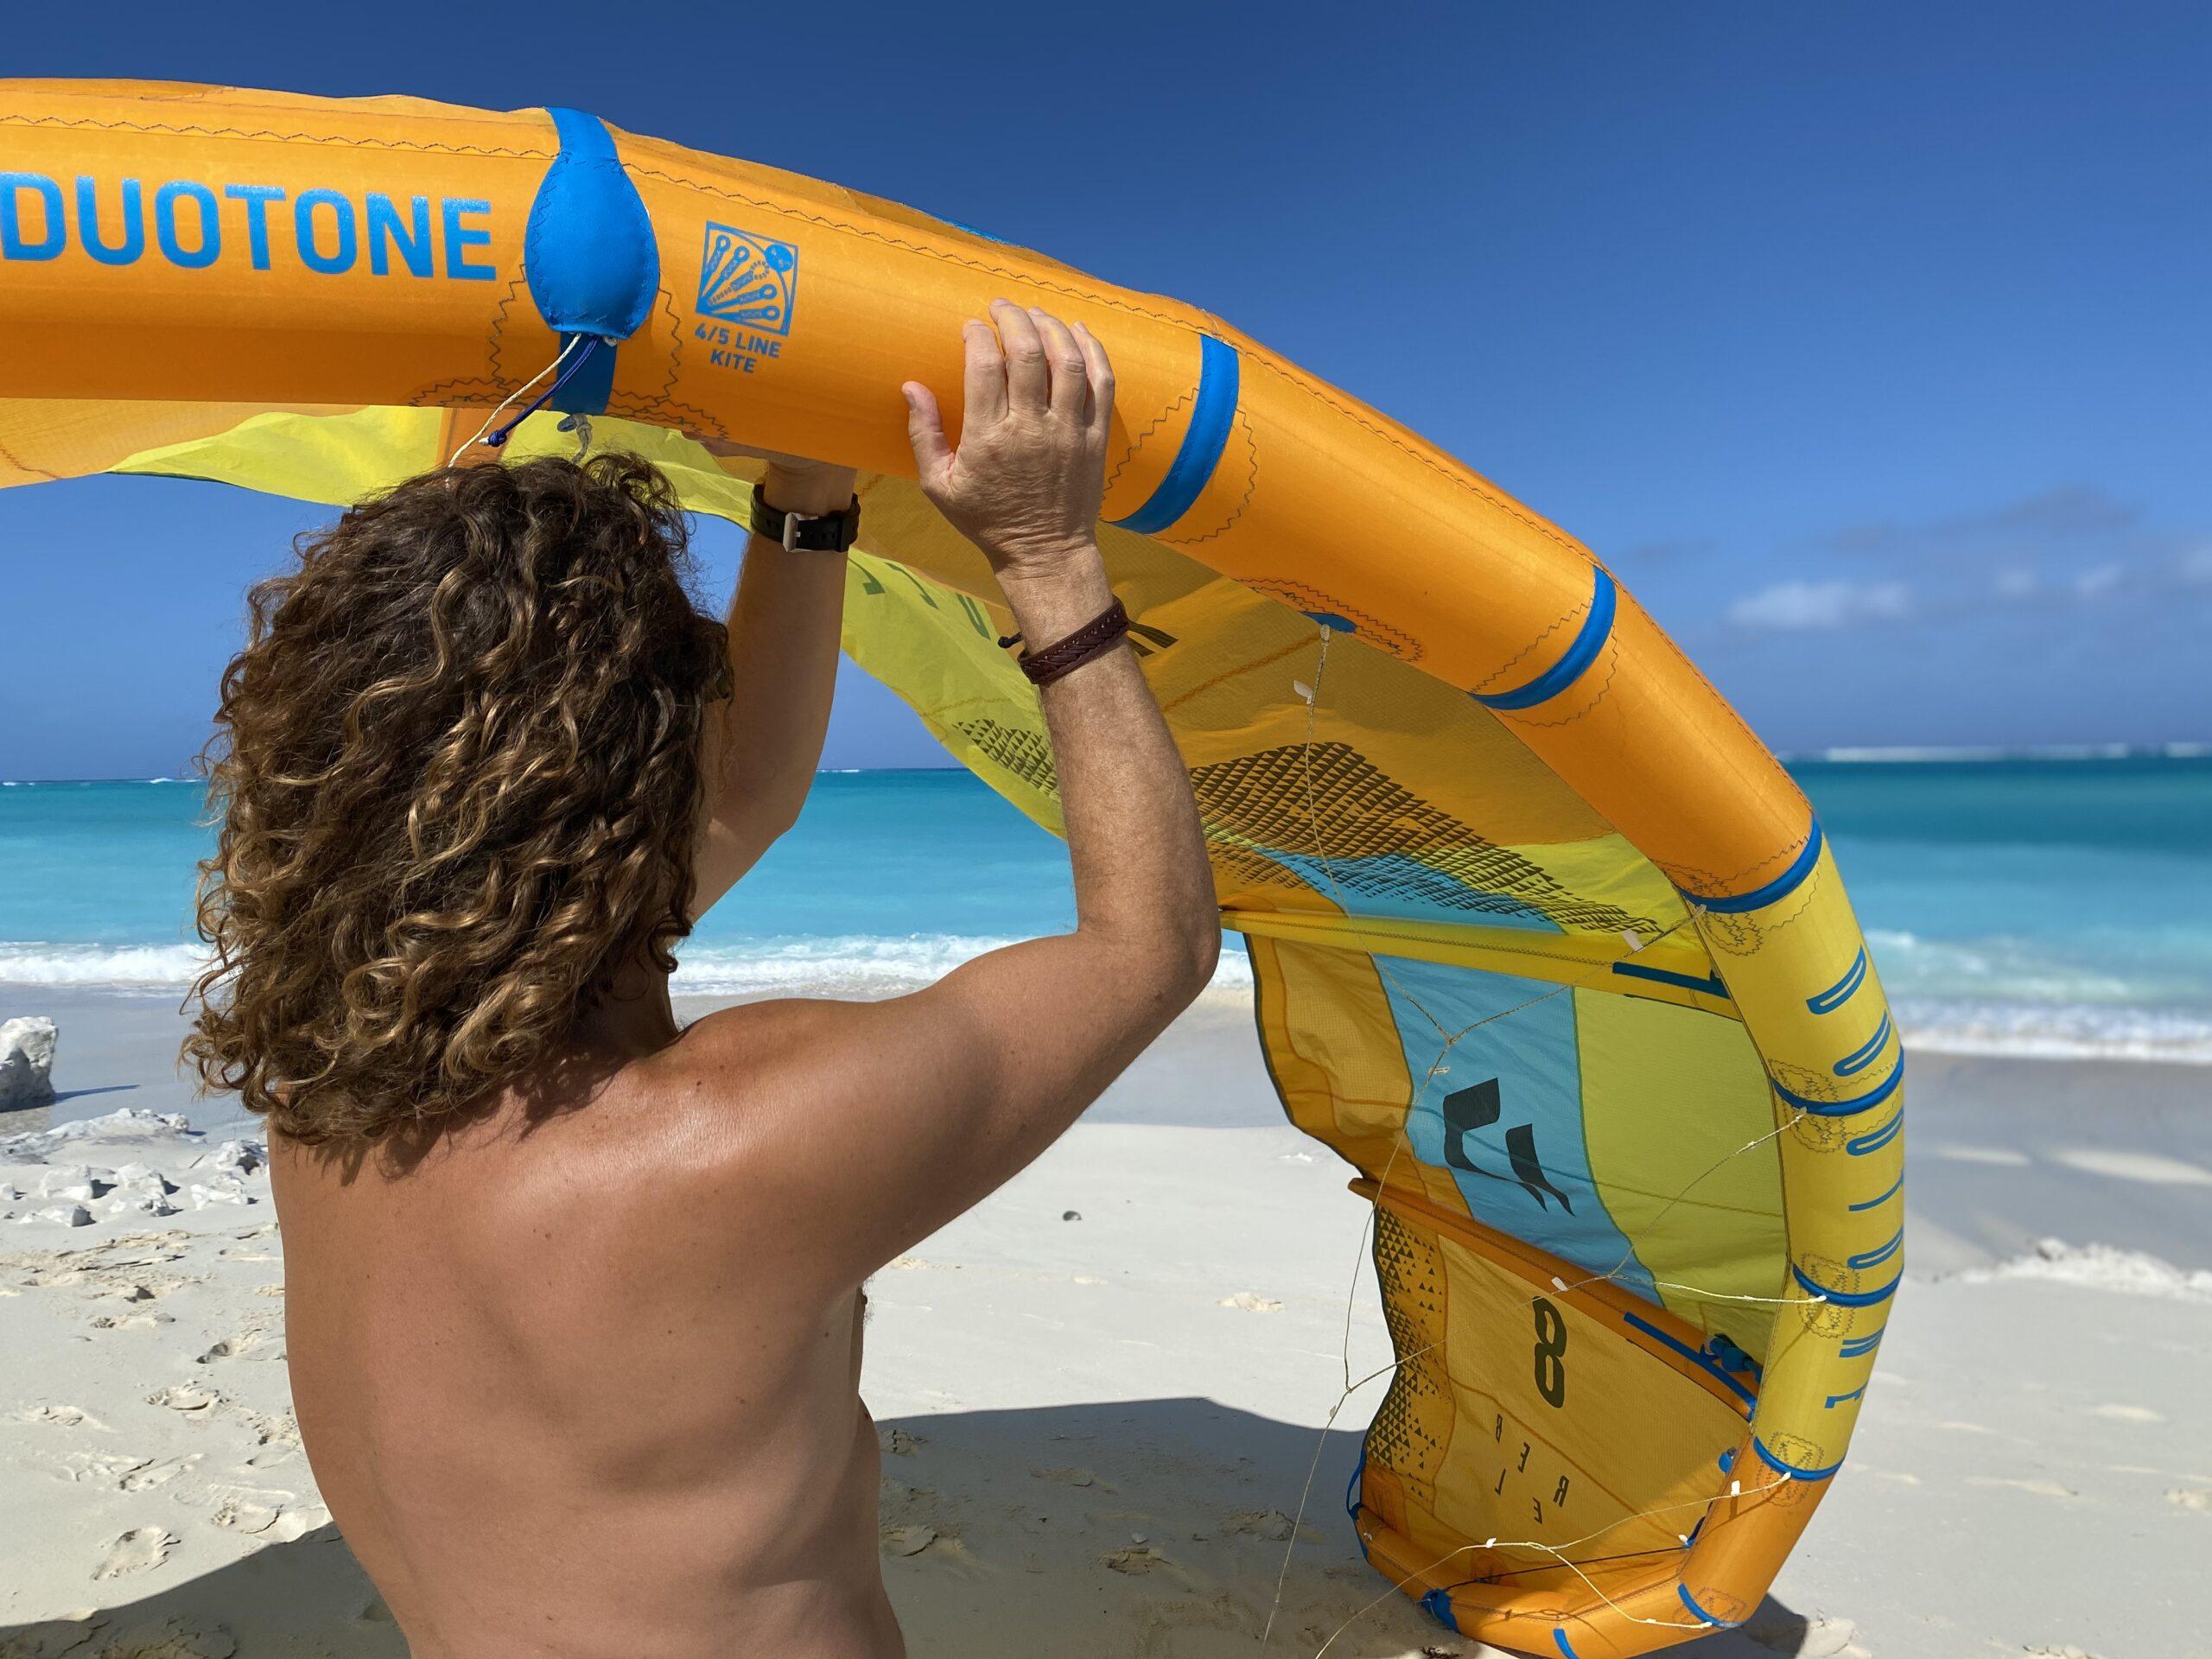 Kitekursen innefattar säker hantering av kiteutrustning